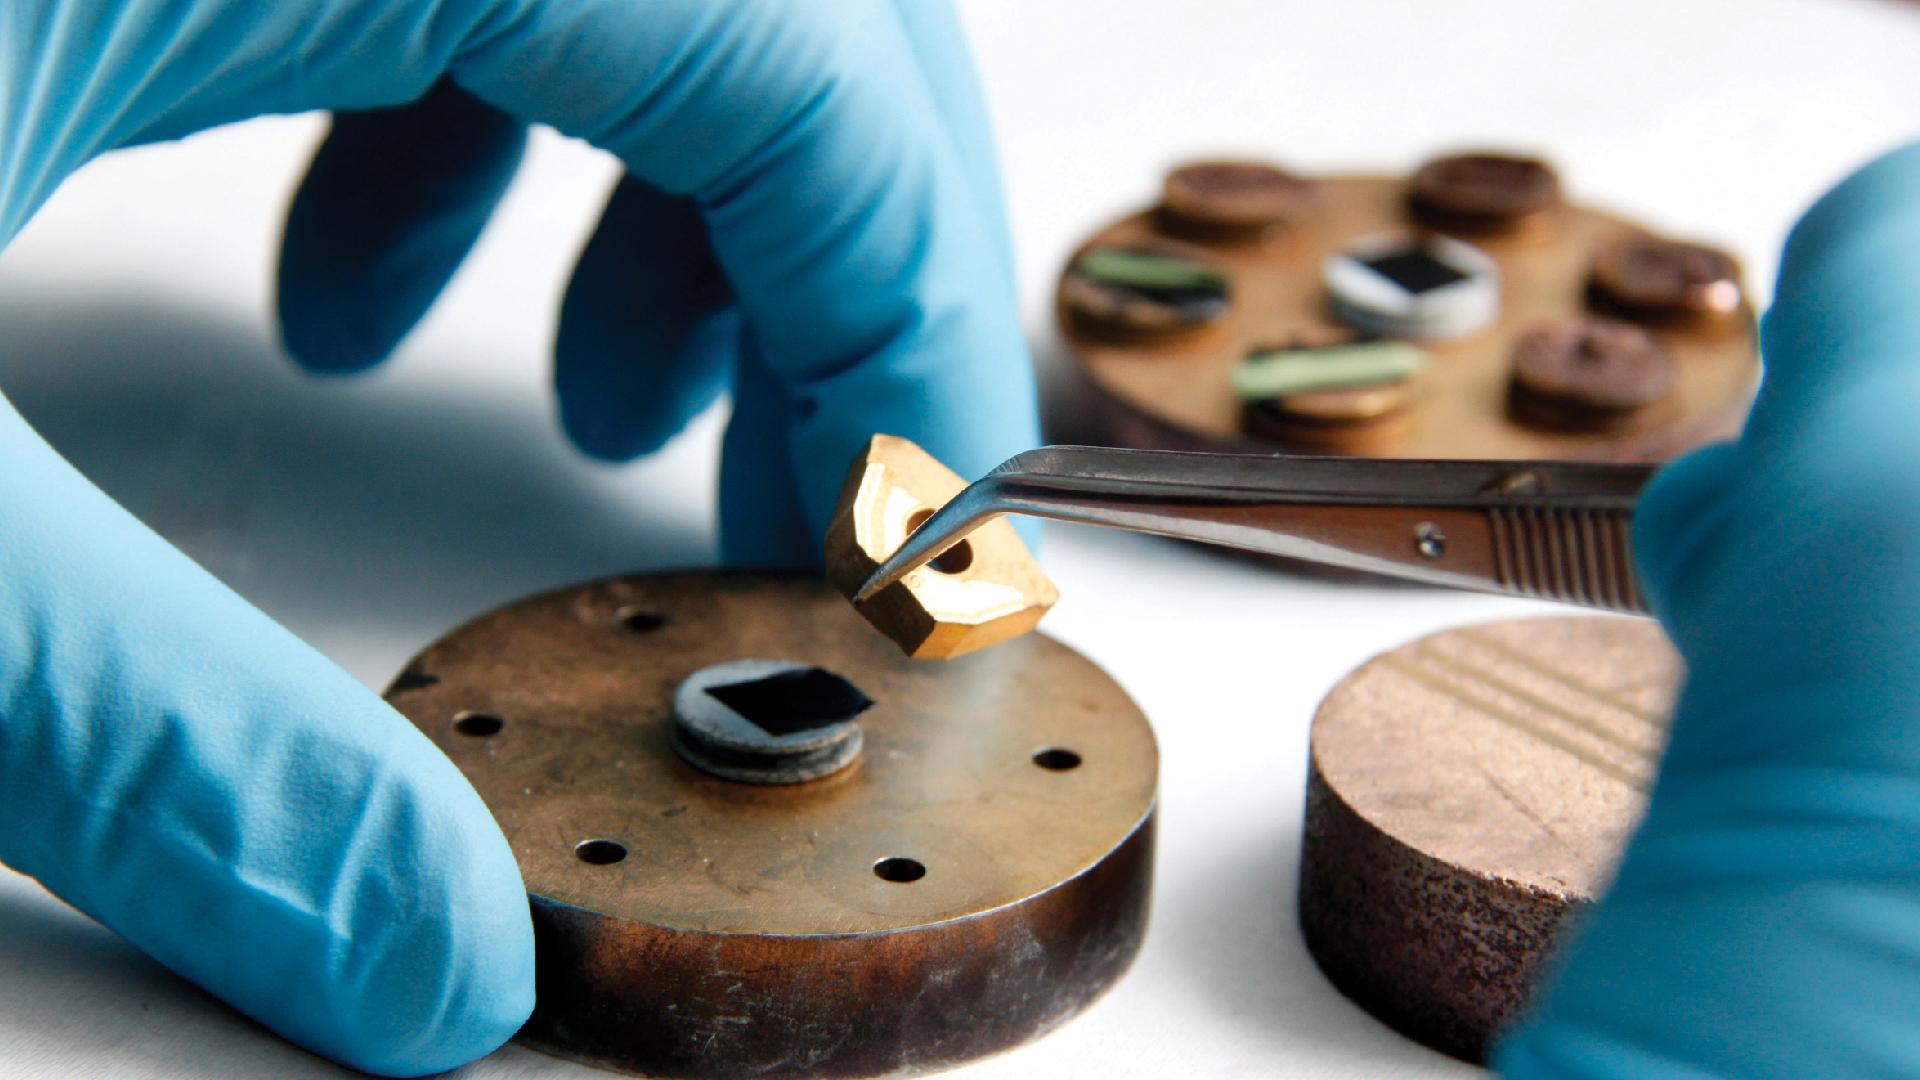 Preparación de muestra metálica para análisis en microscopio electrónico